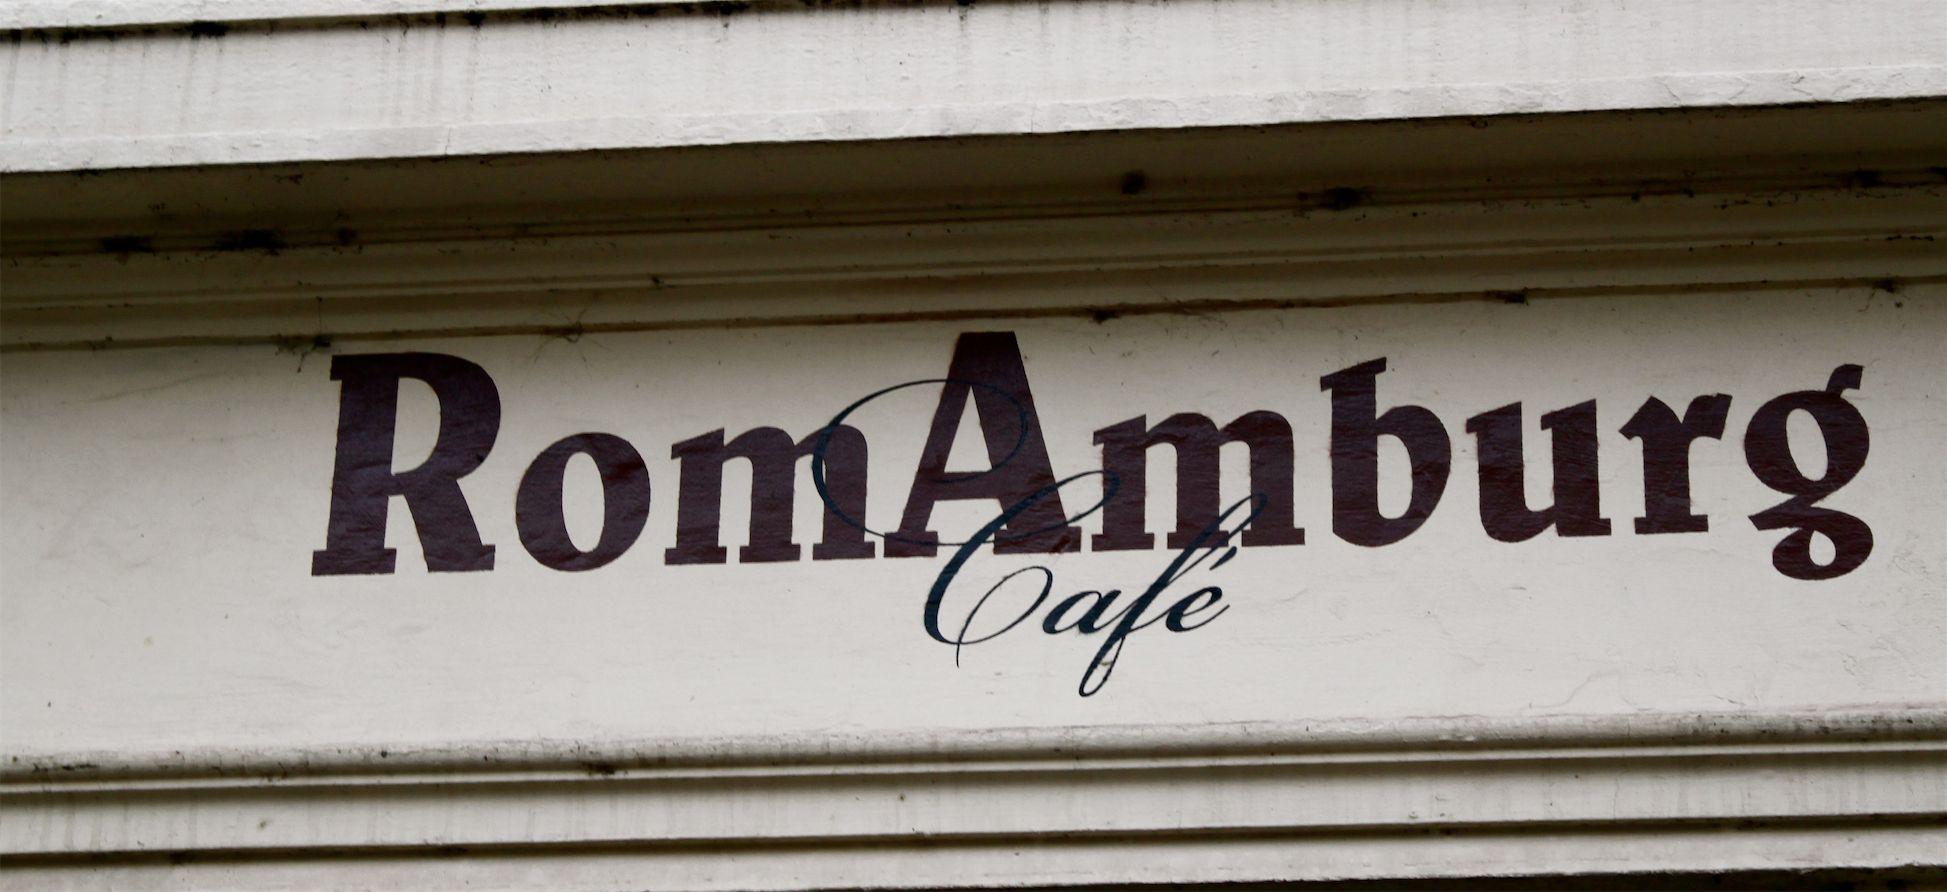 Werbeschild eines Cafés